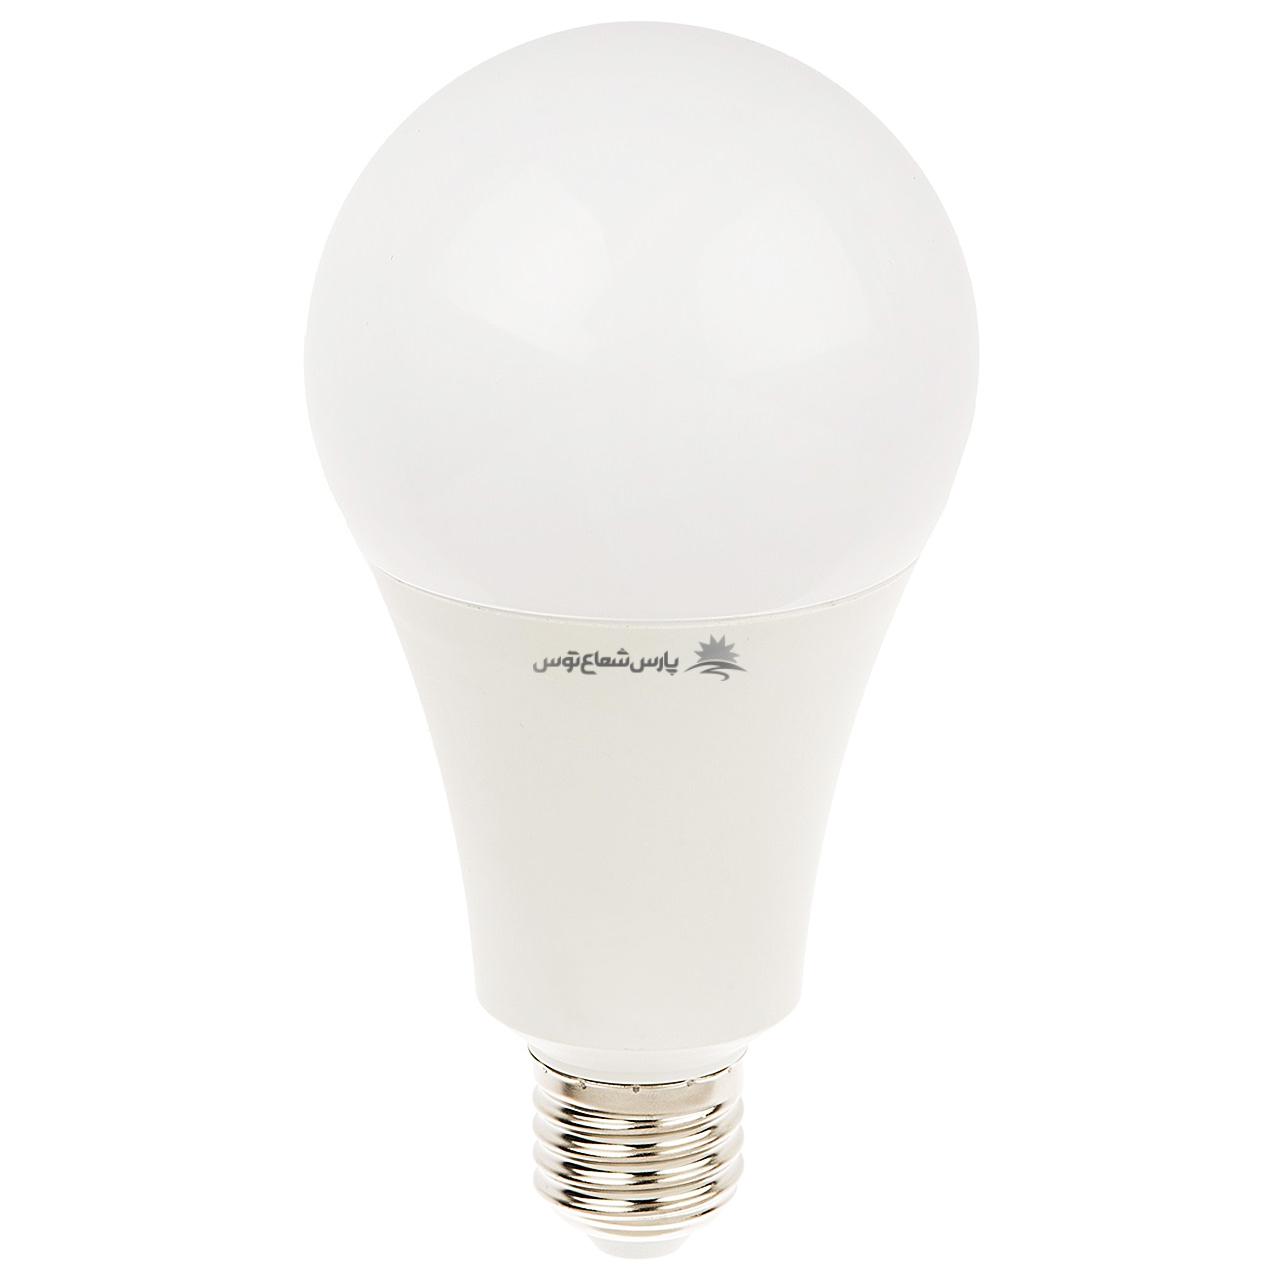 لامپ ال ای دی 20 وات پارس شعاع توس پایه E27